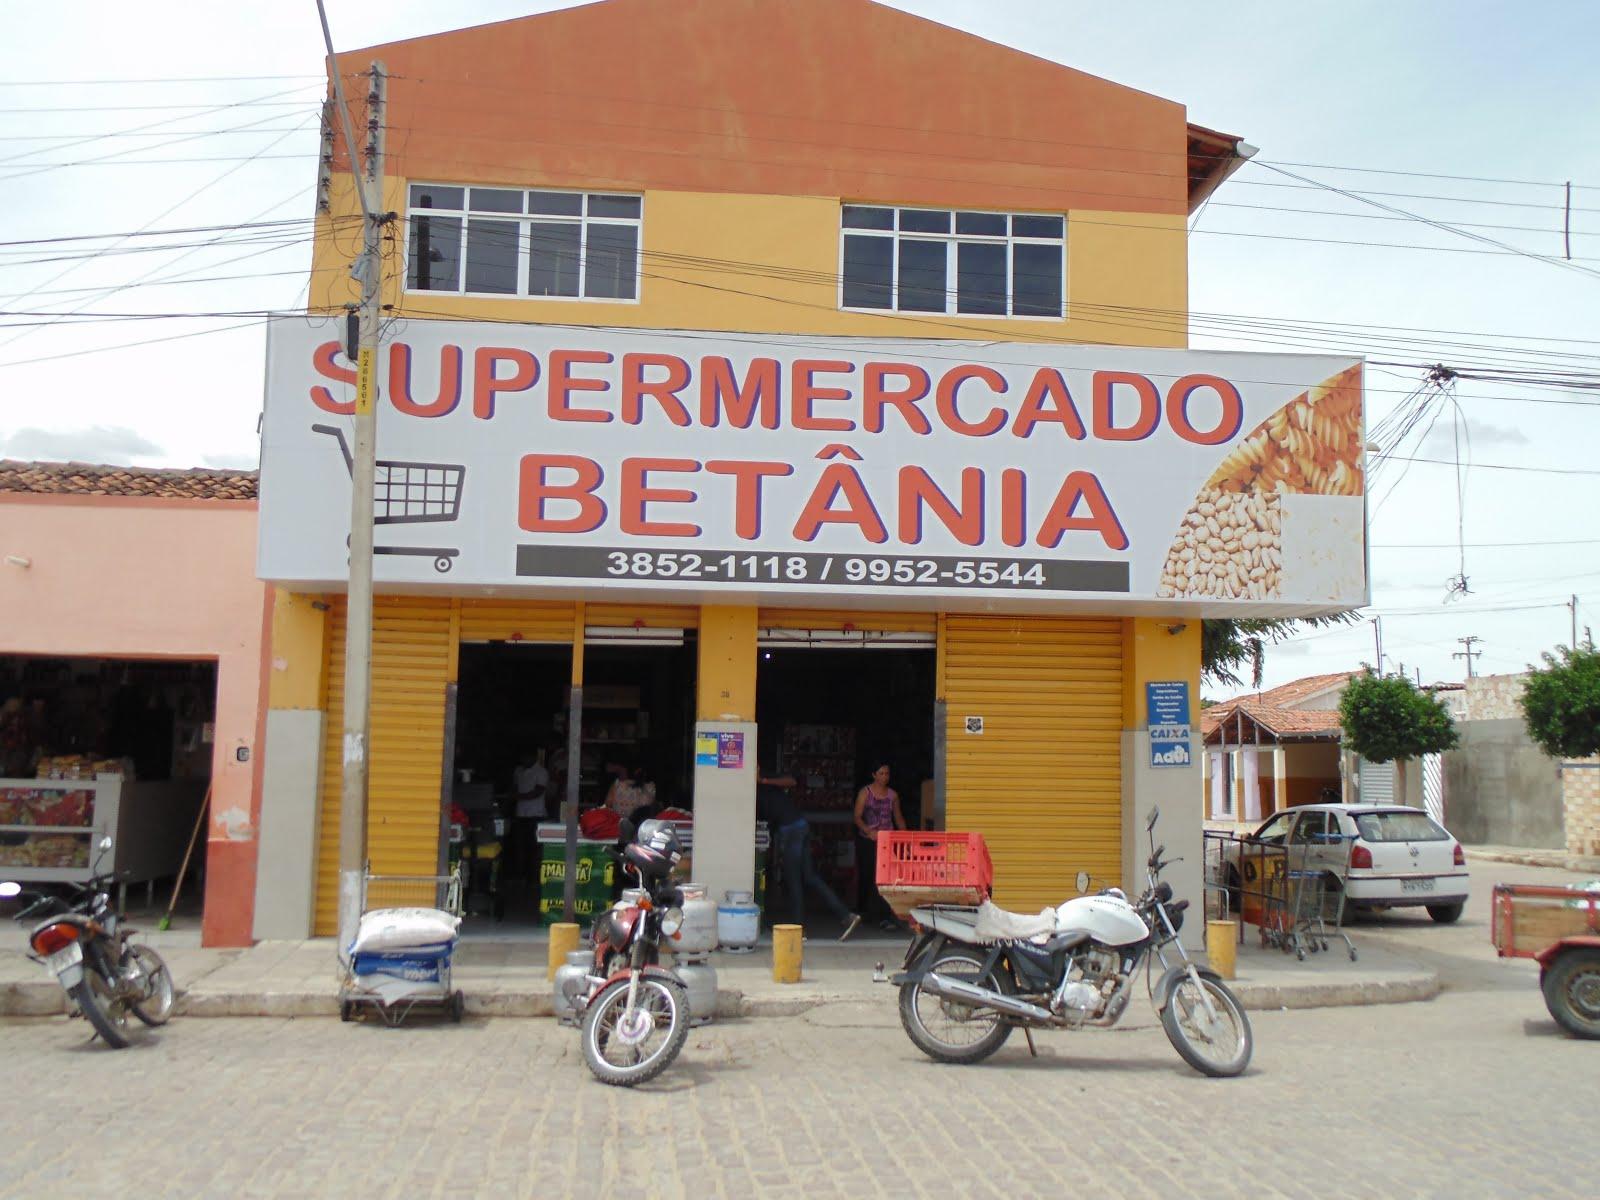 Surpermercado Betânia